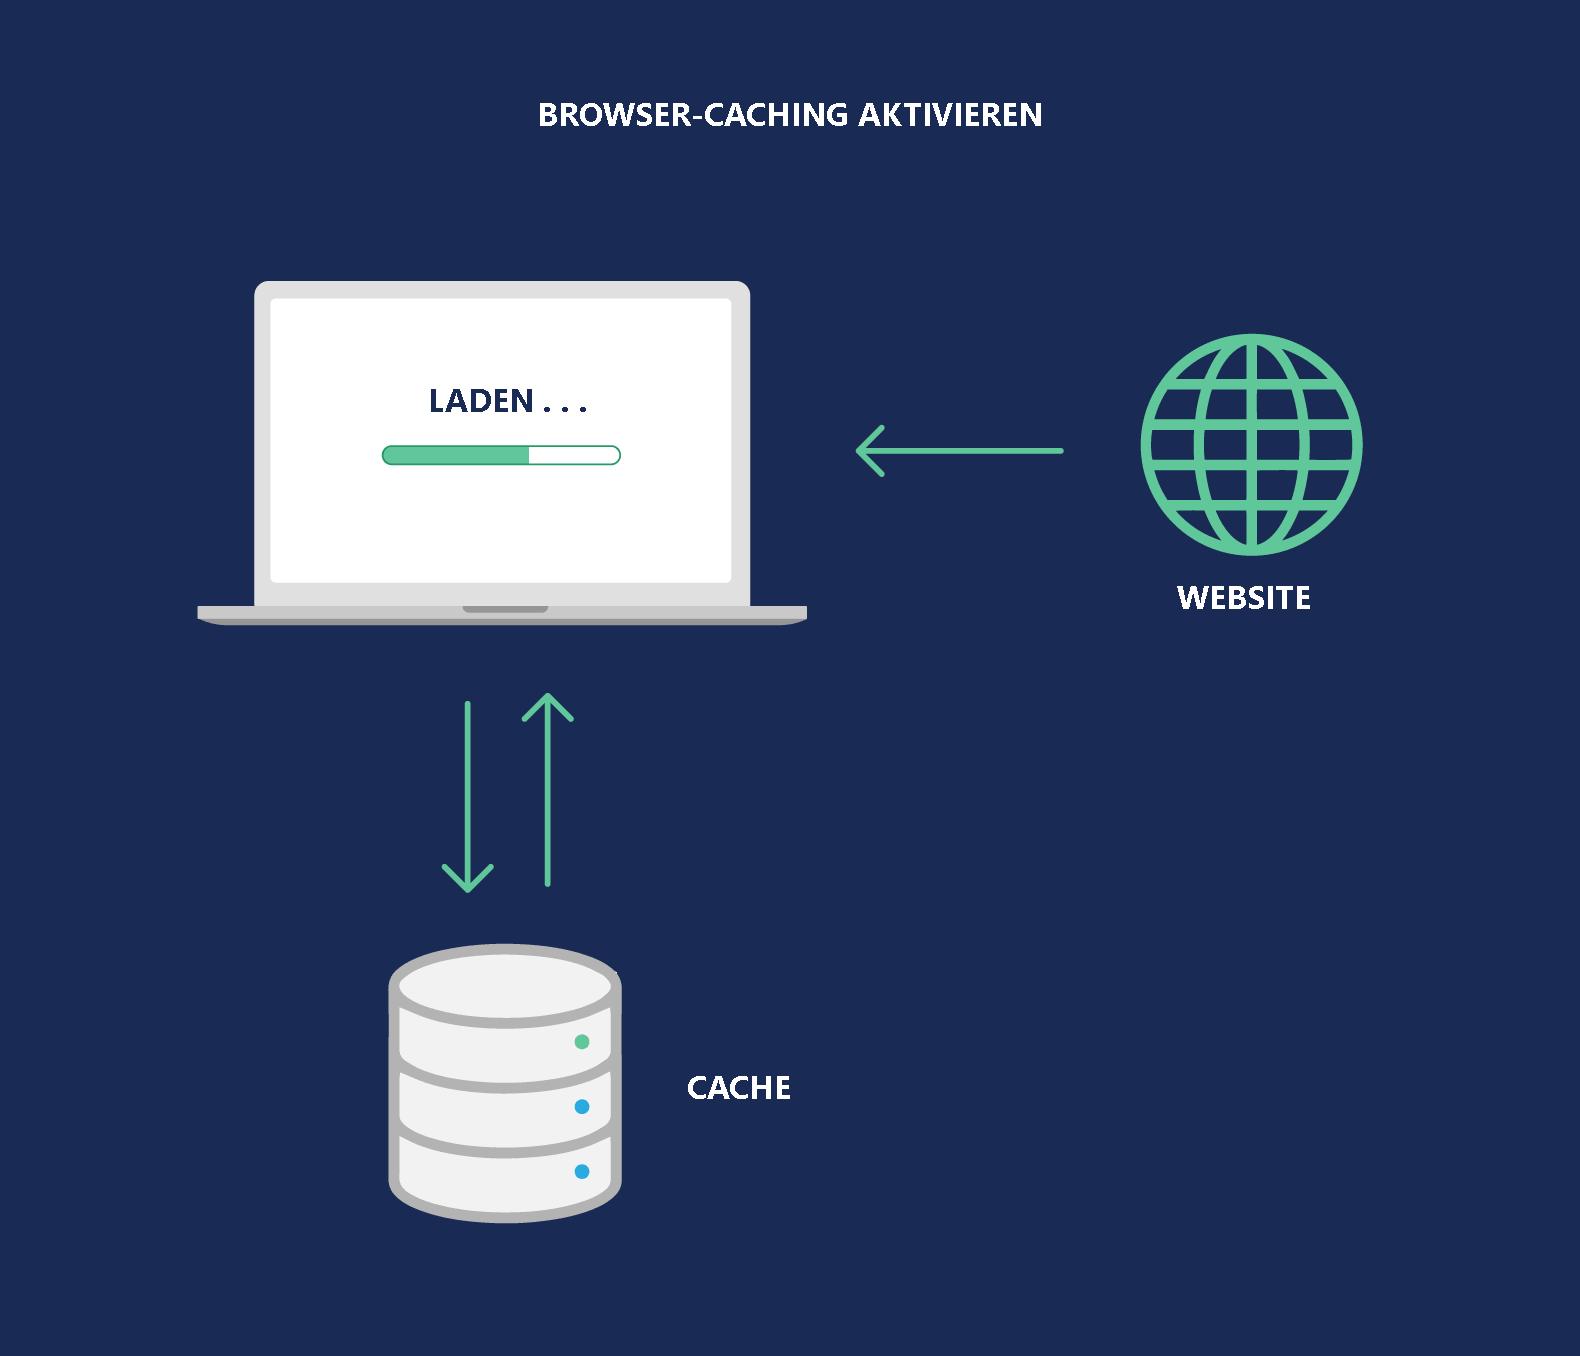 Aktivieren Sie das Browser-Caching